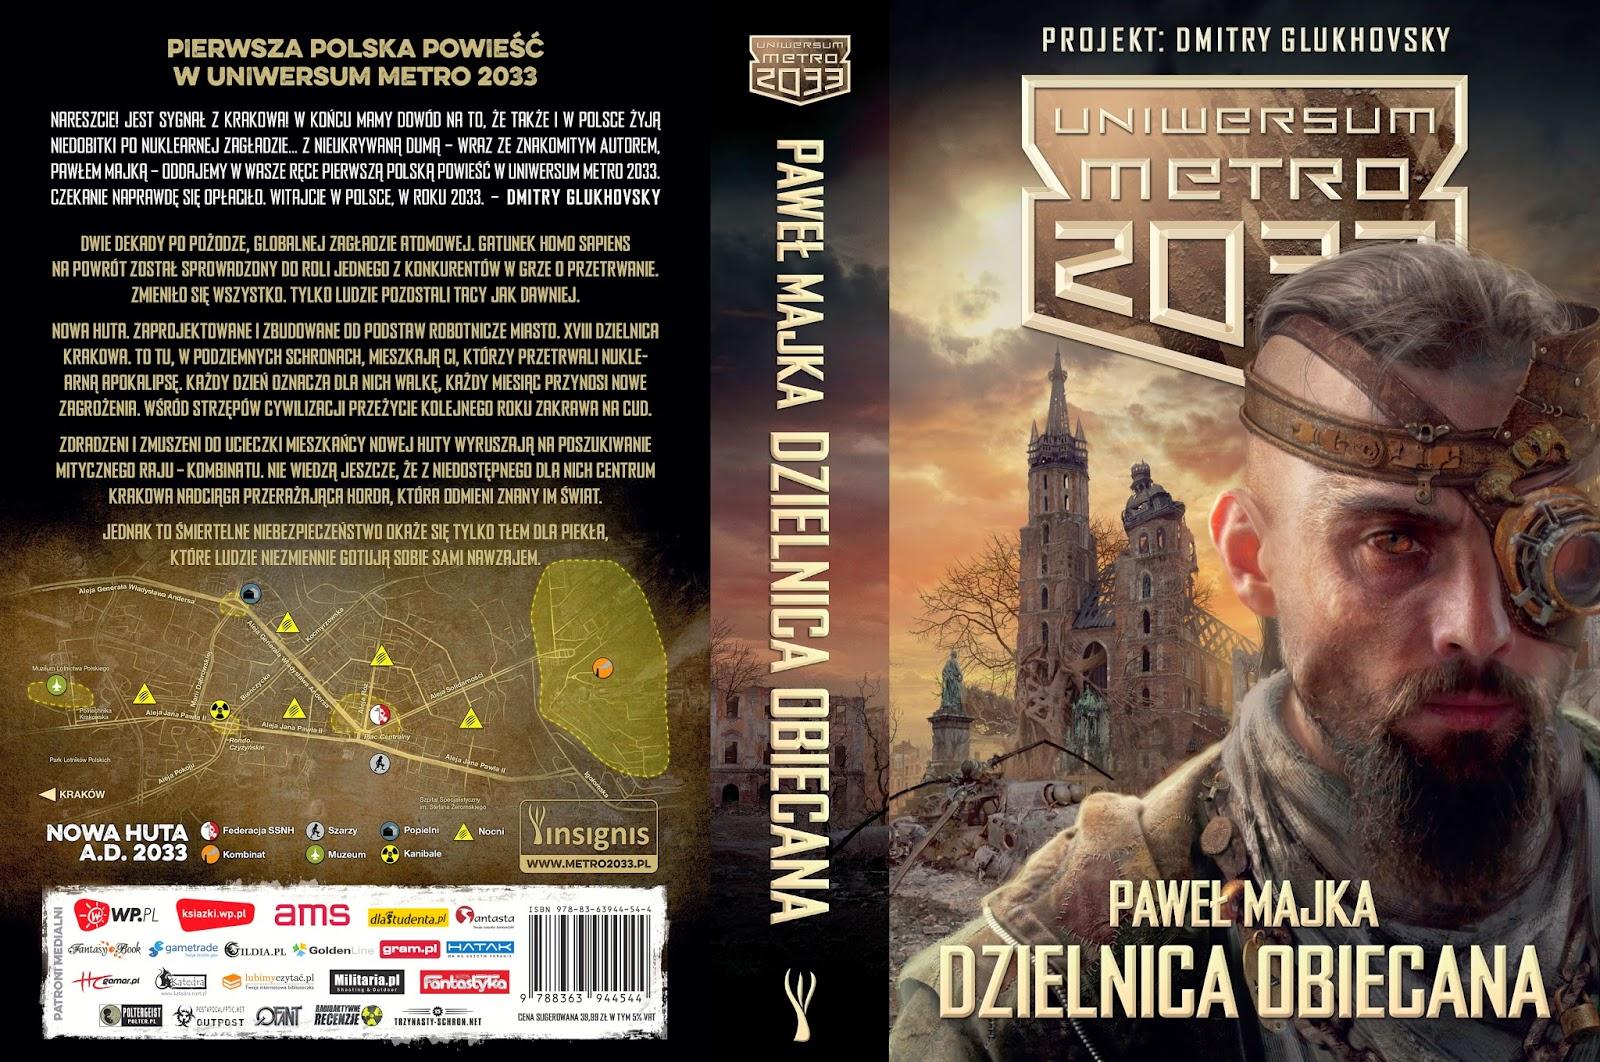 Już dzisiaj premiera pierwszej polskiej powieści w Uniwersum Metro 2033!